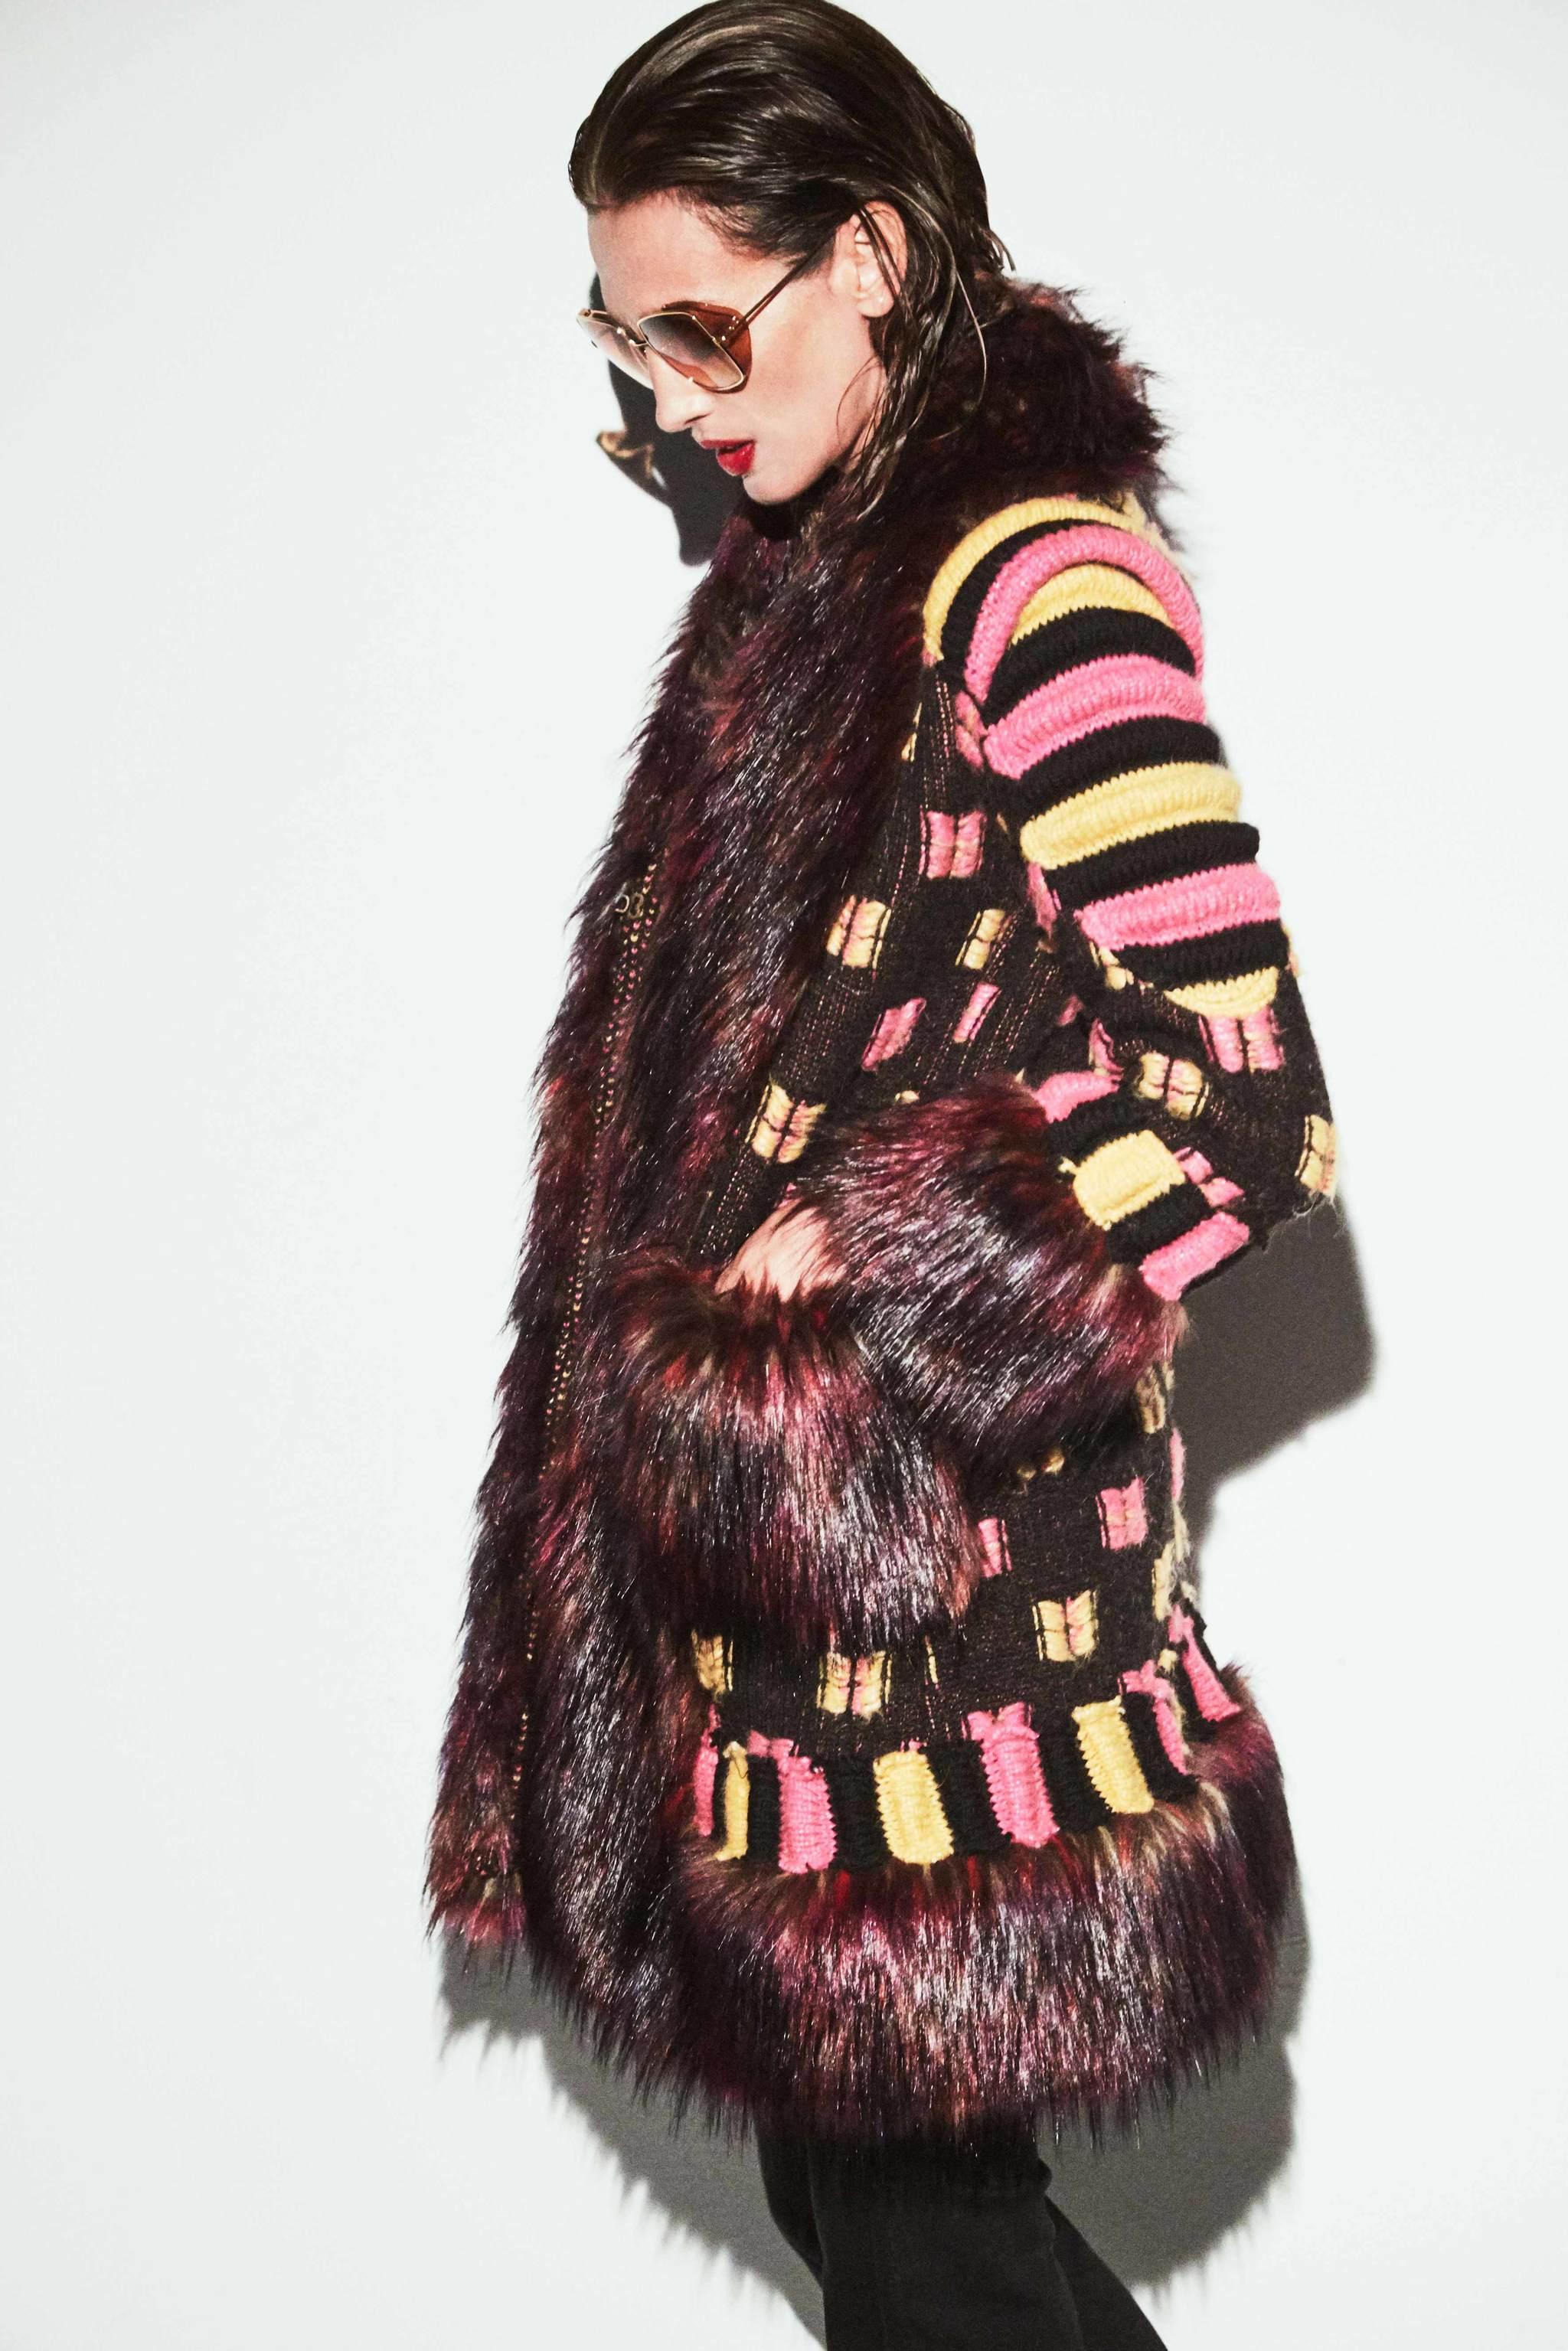 Nieves Álvarez con el modelo Selvaggia, de The Extreme Collection X Nieves Álvarez.